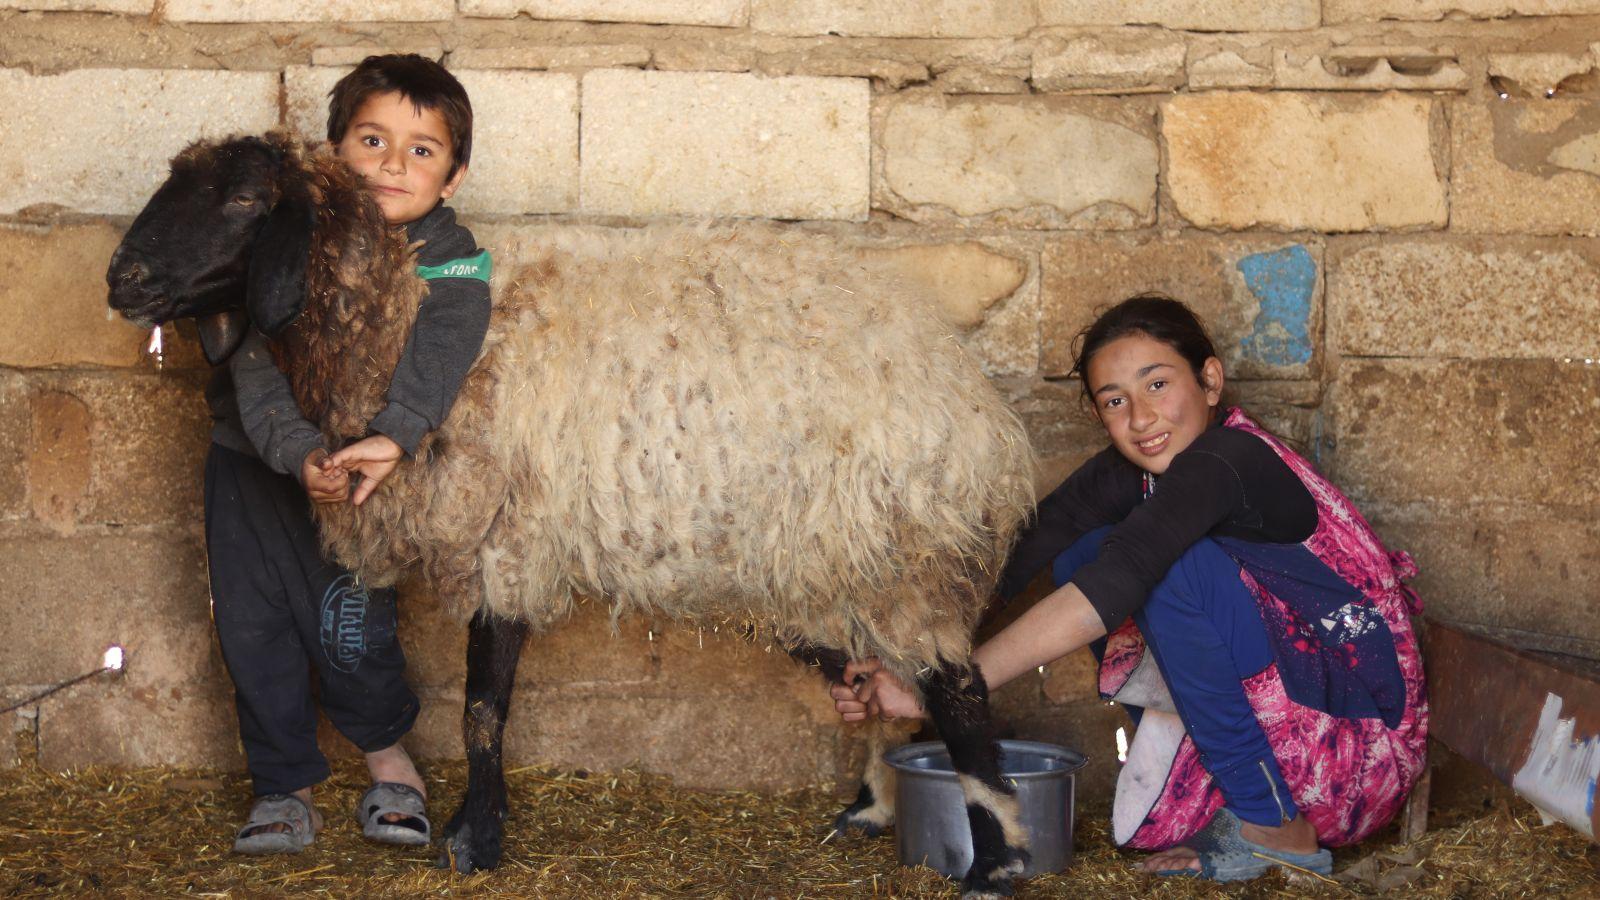 children-syria-emergency